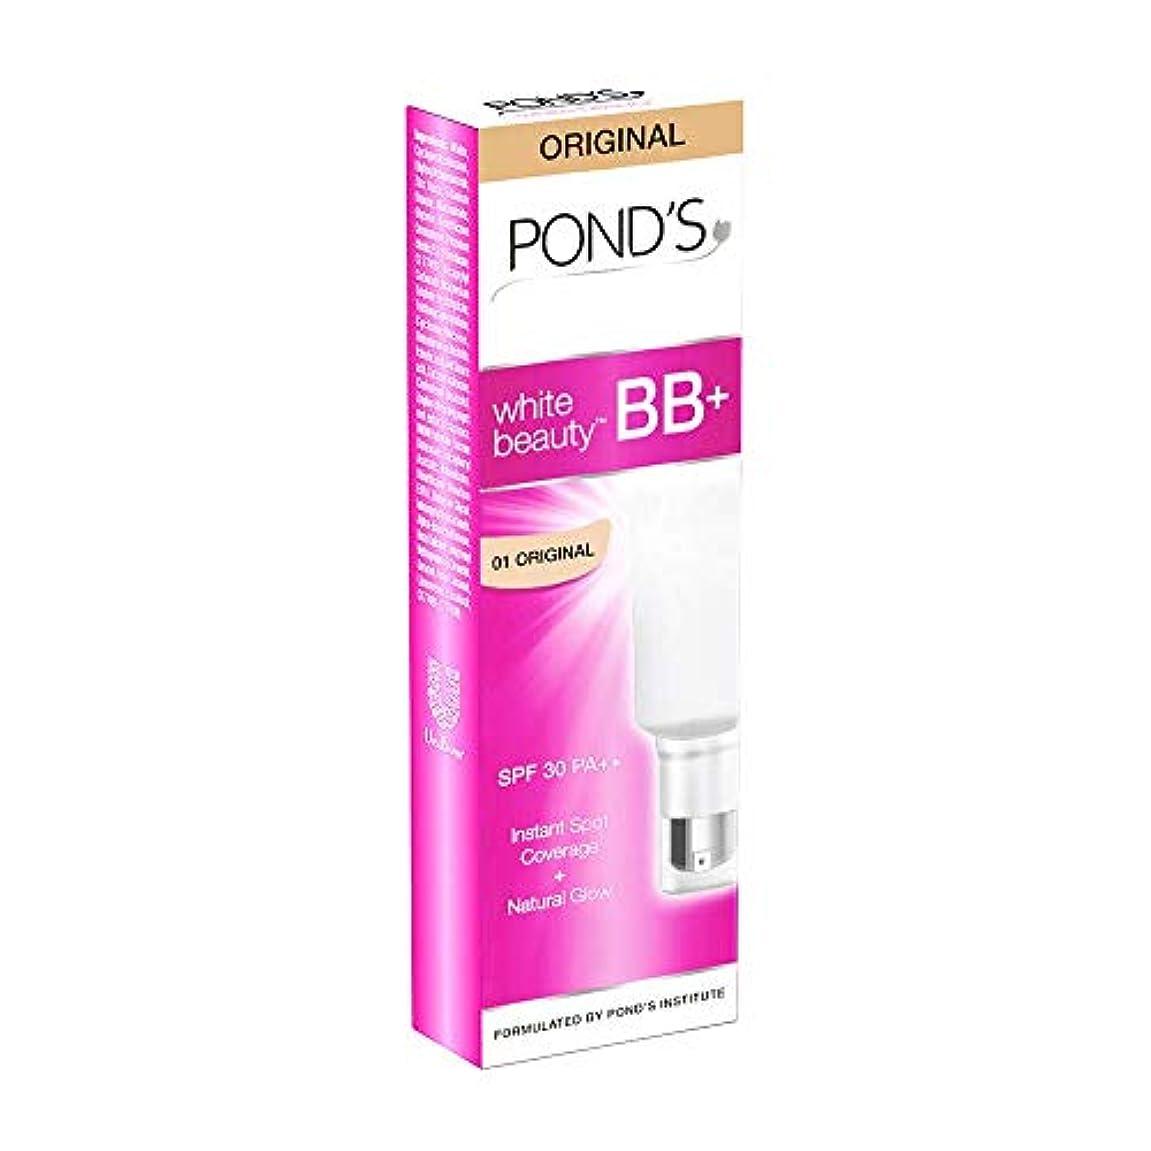 困ったインシデントトランクライブラリPOND'S White Beauty All-in-One BB+ Fairness Cream SPF 30 PA++, 18g (Pack of 3)